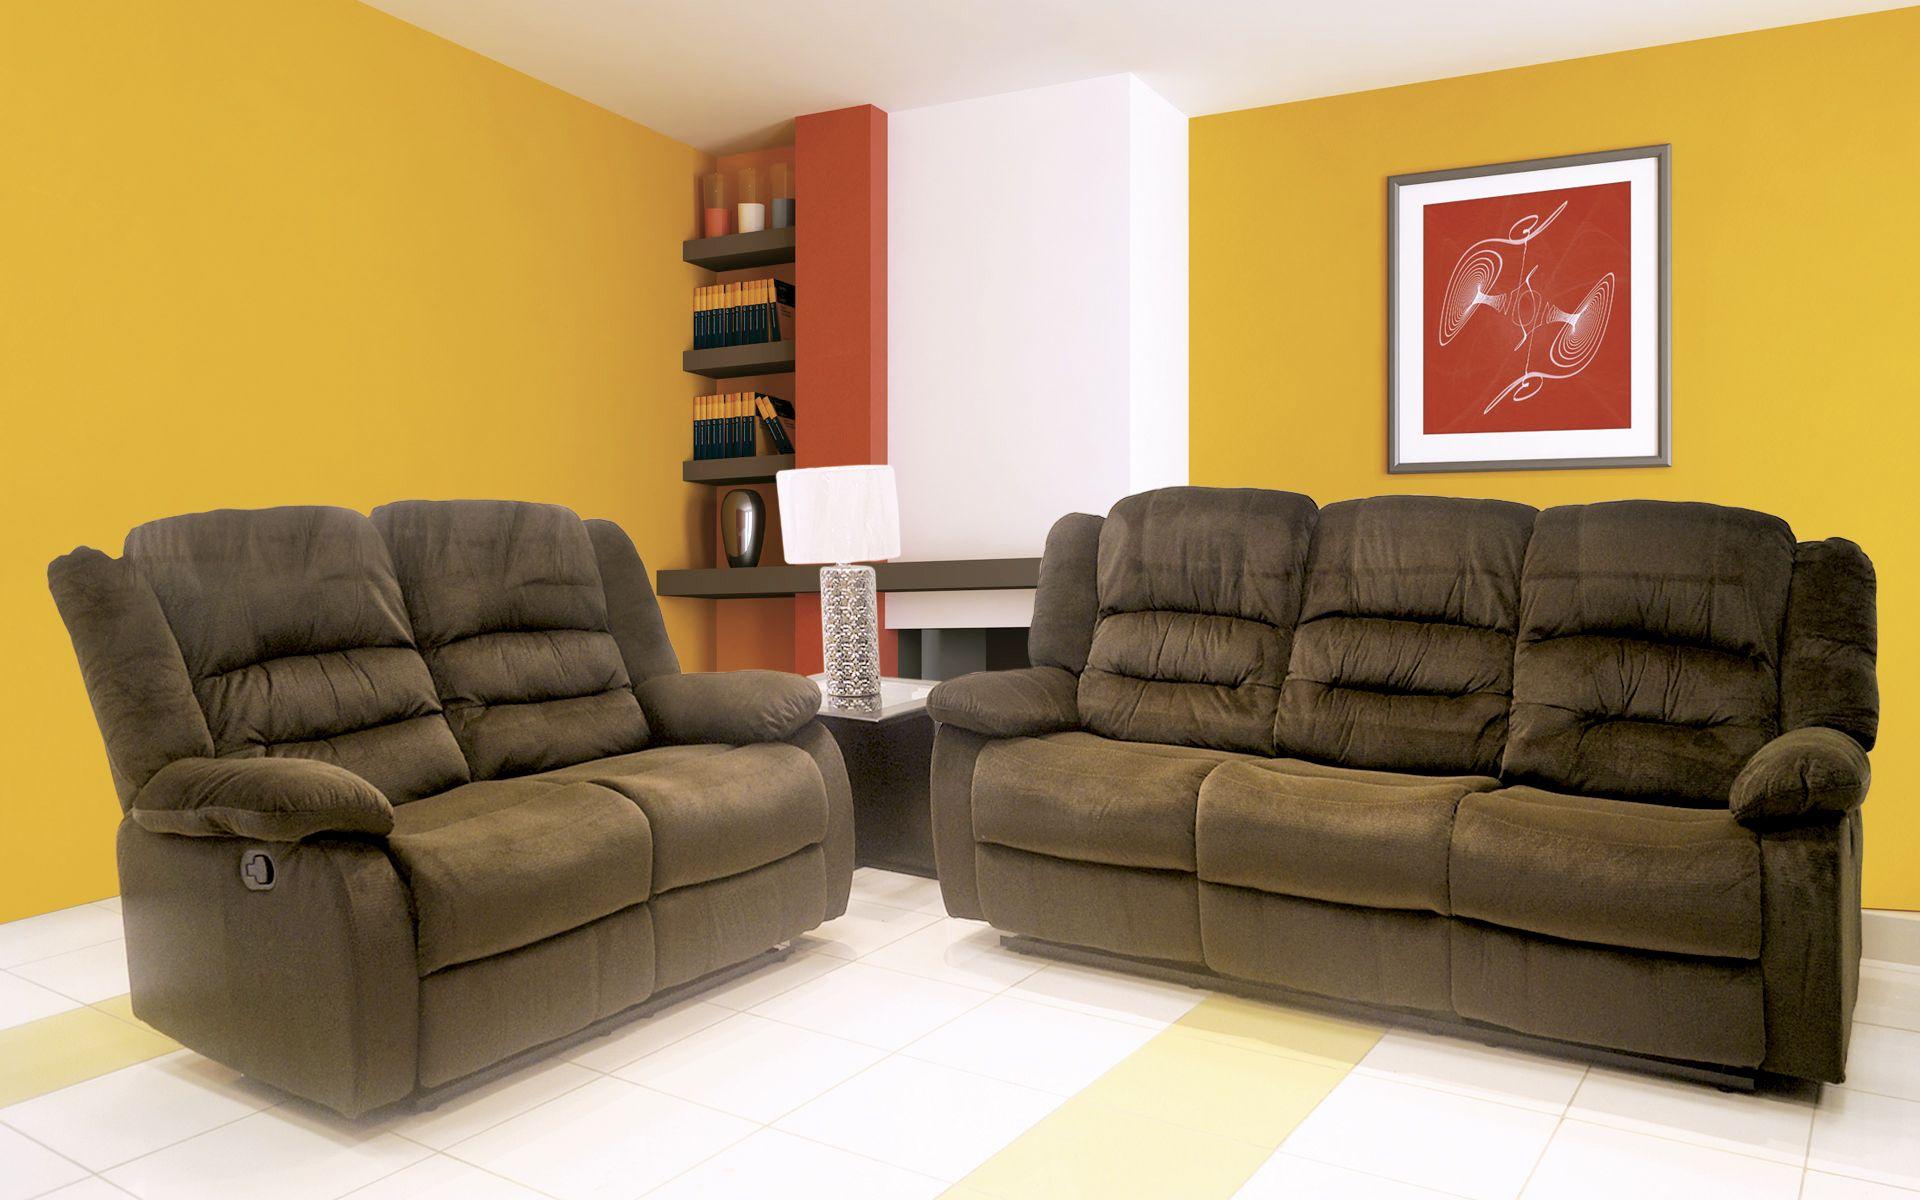 Juego De Sala Reclinable Mod 51030_31liza Lo Mejor En Salas  # Muebles Requinables